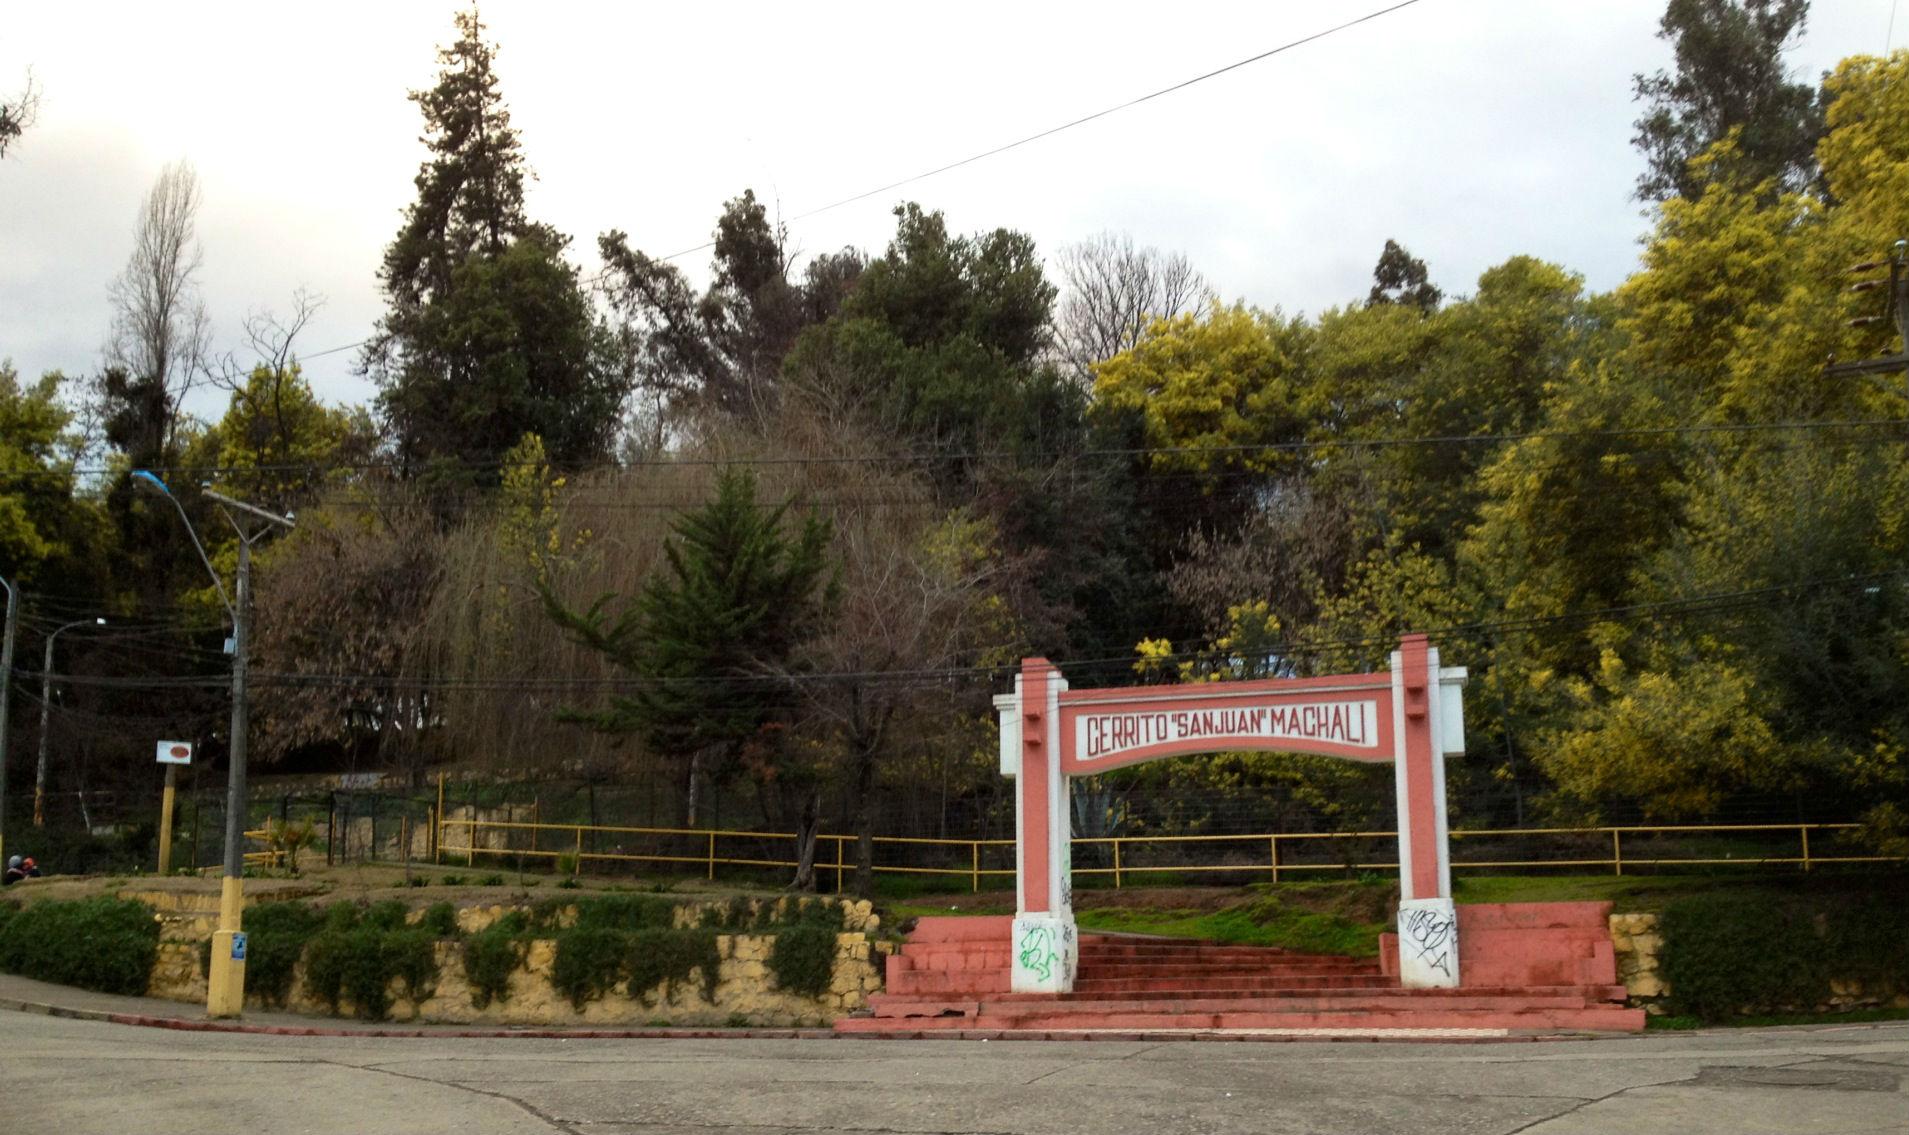 Hermanos dicen ser dueños del Cerro San Juan y de 20 mil hectáreas de Machalí